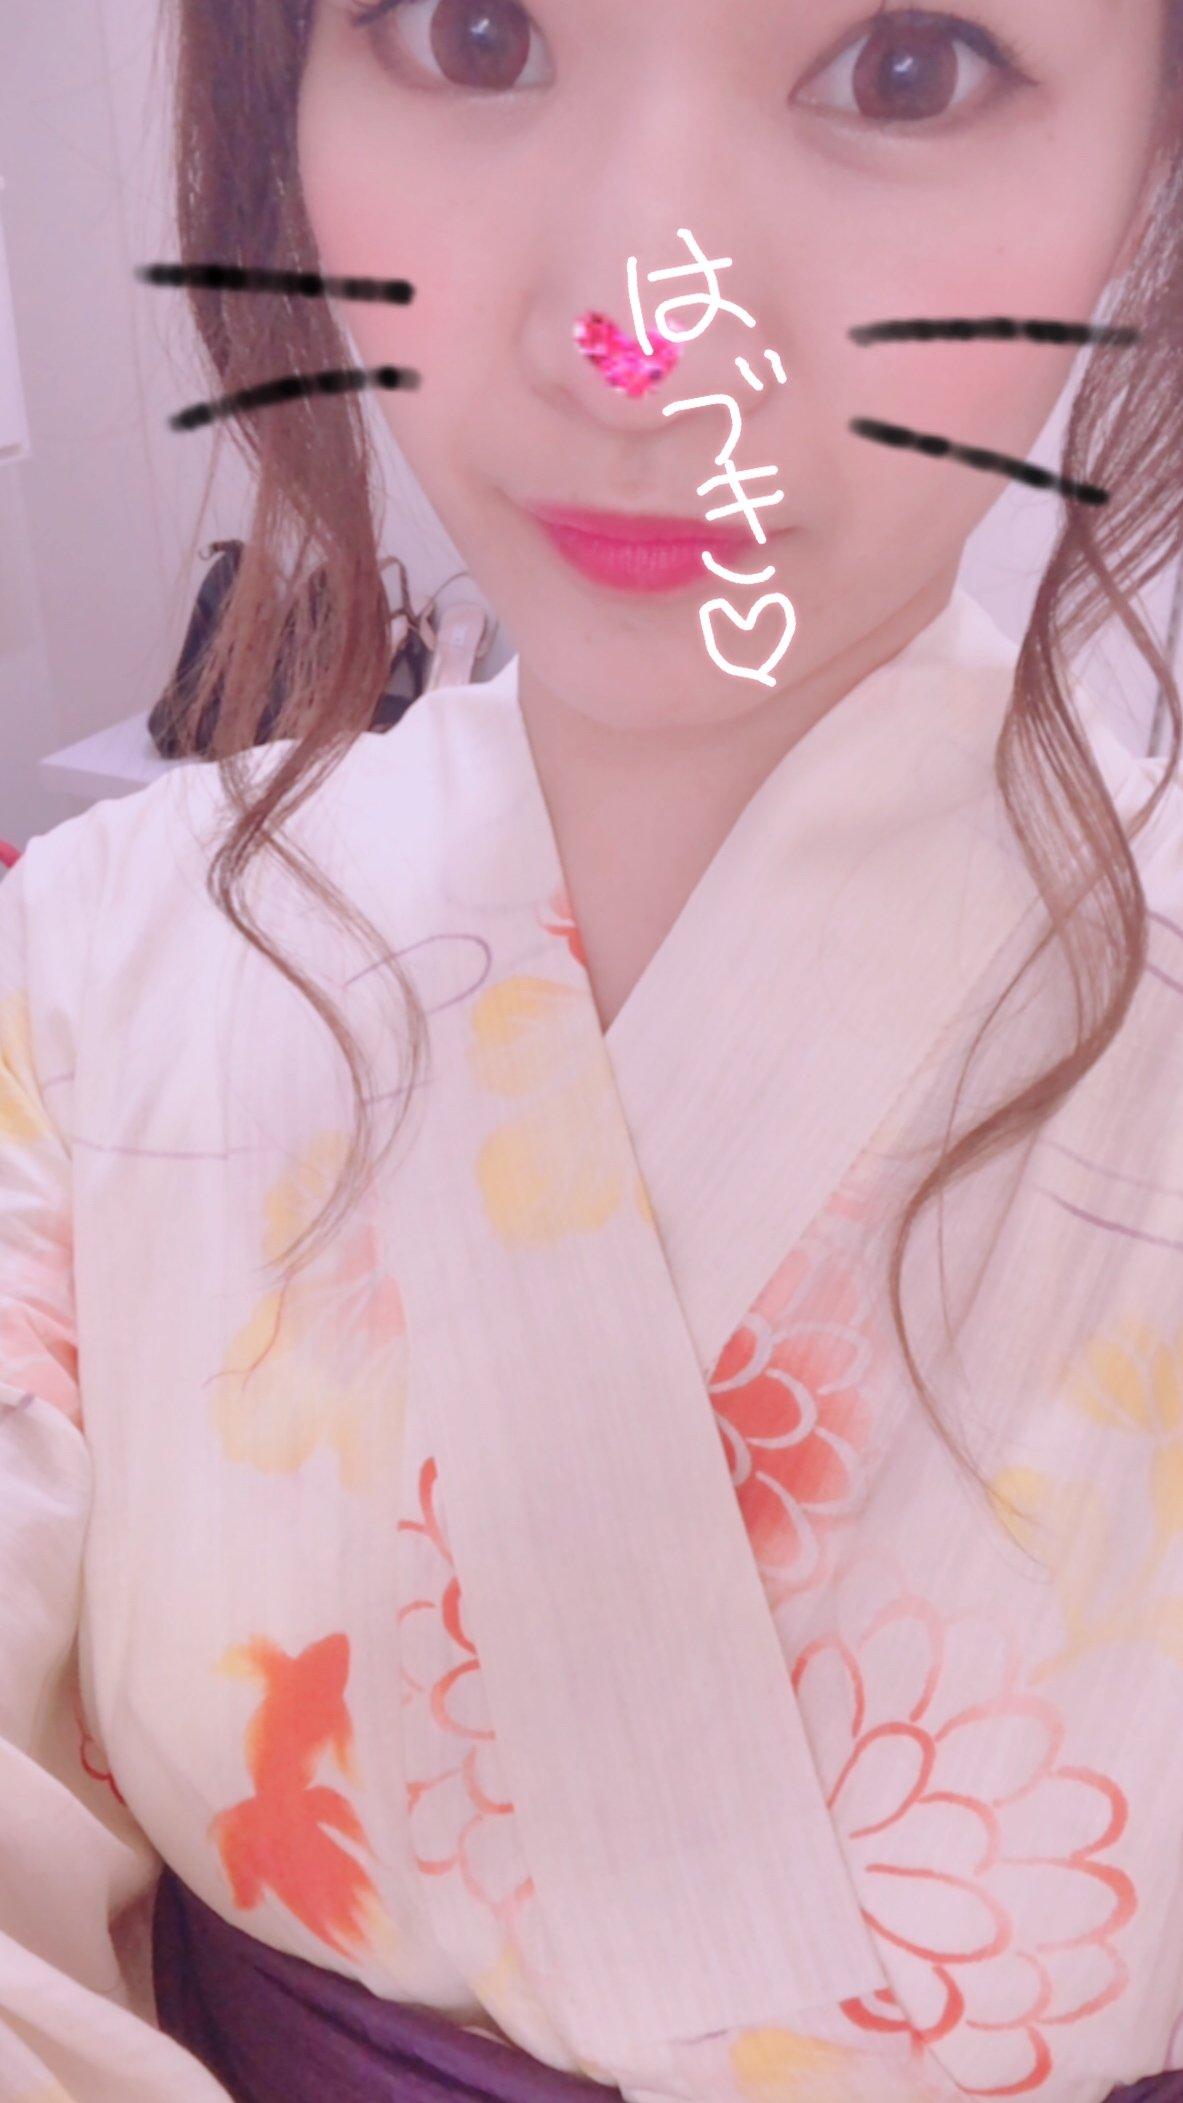 葉月☆ちゃんのツイート